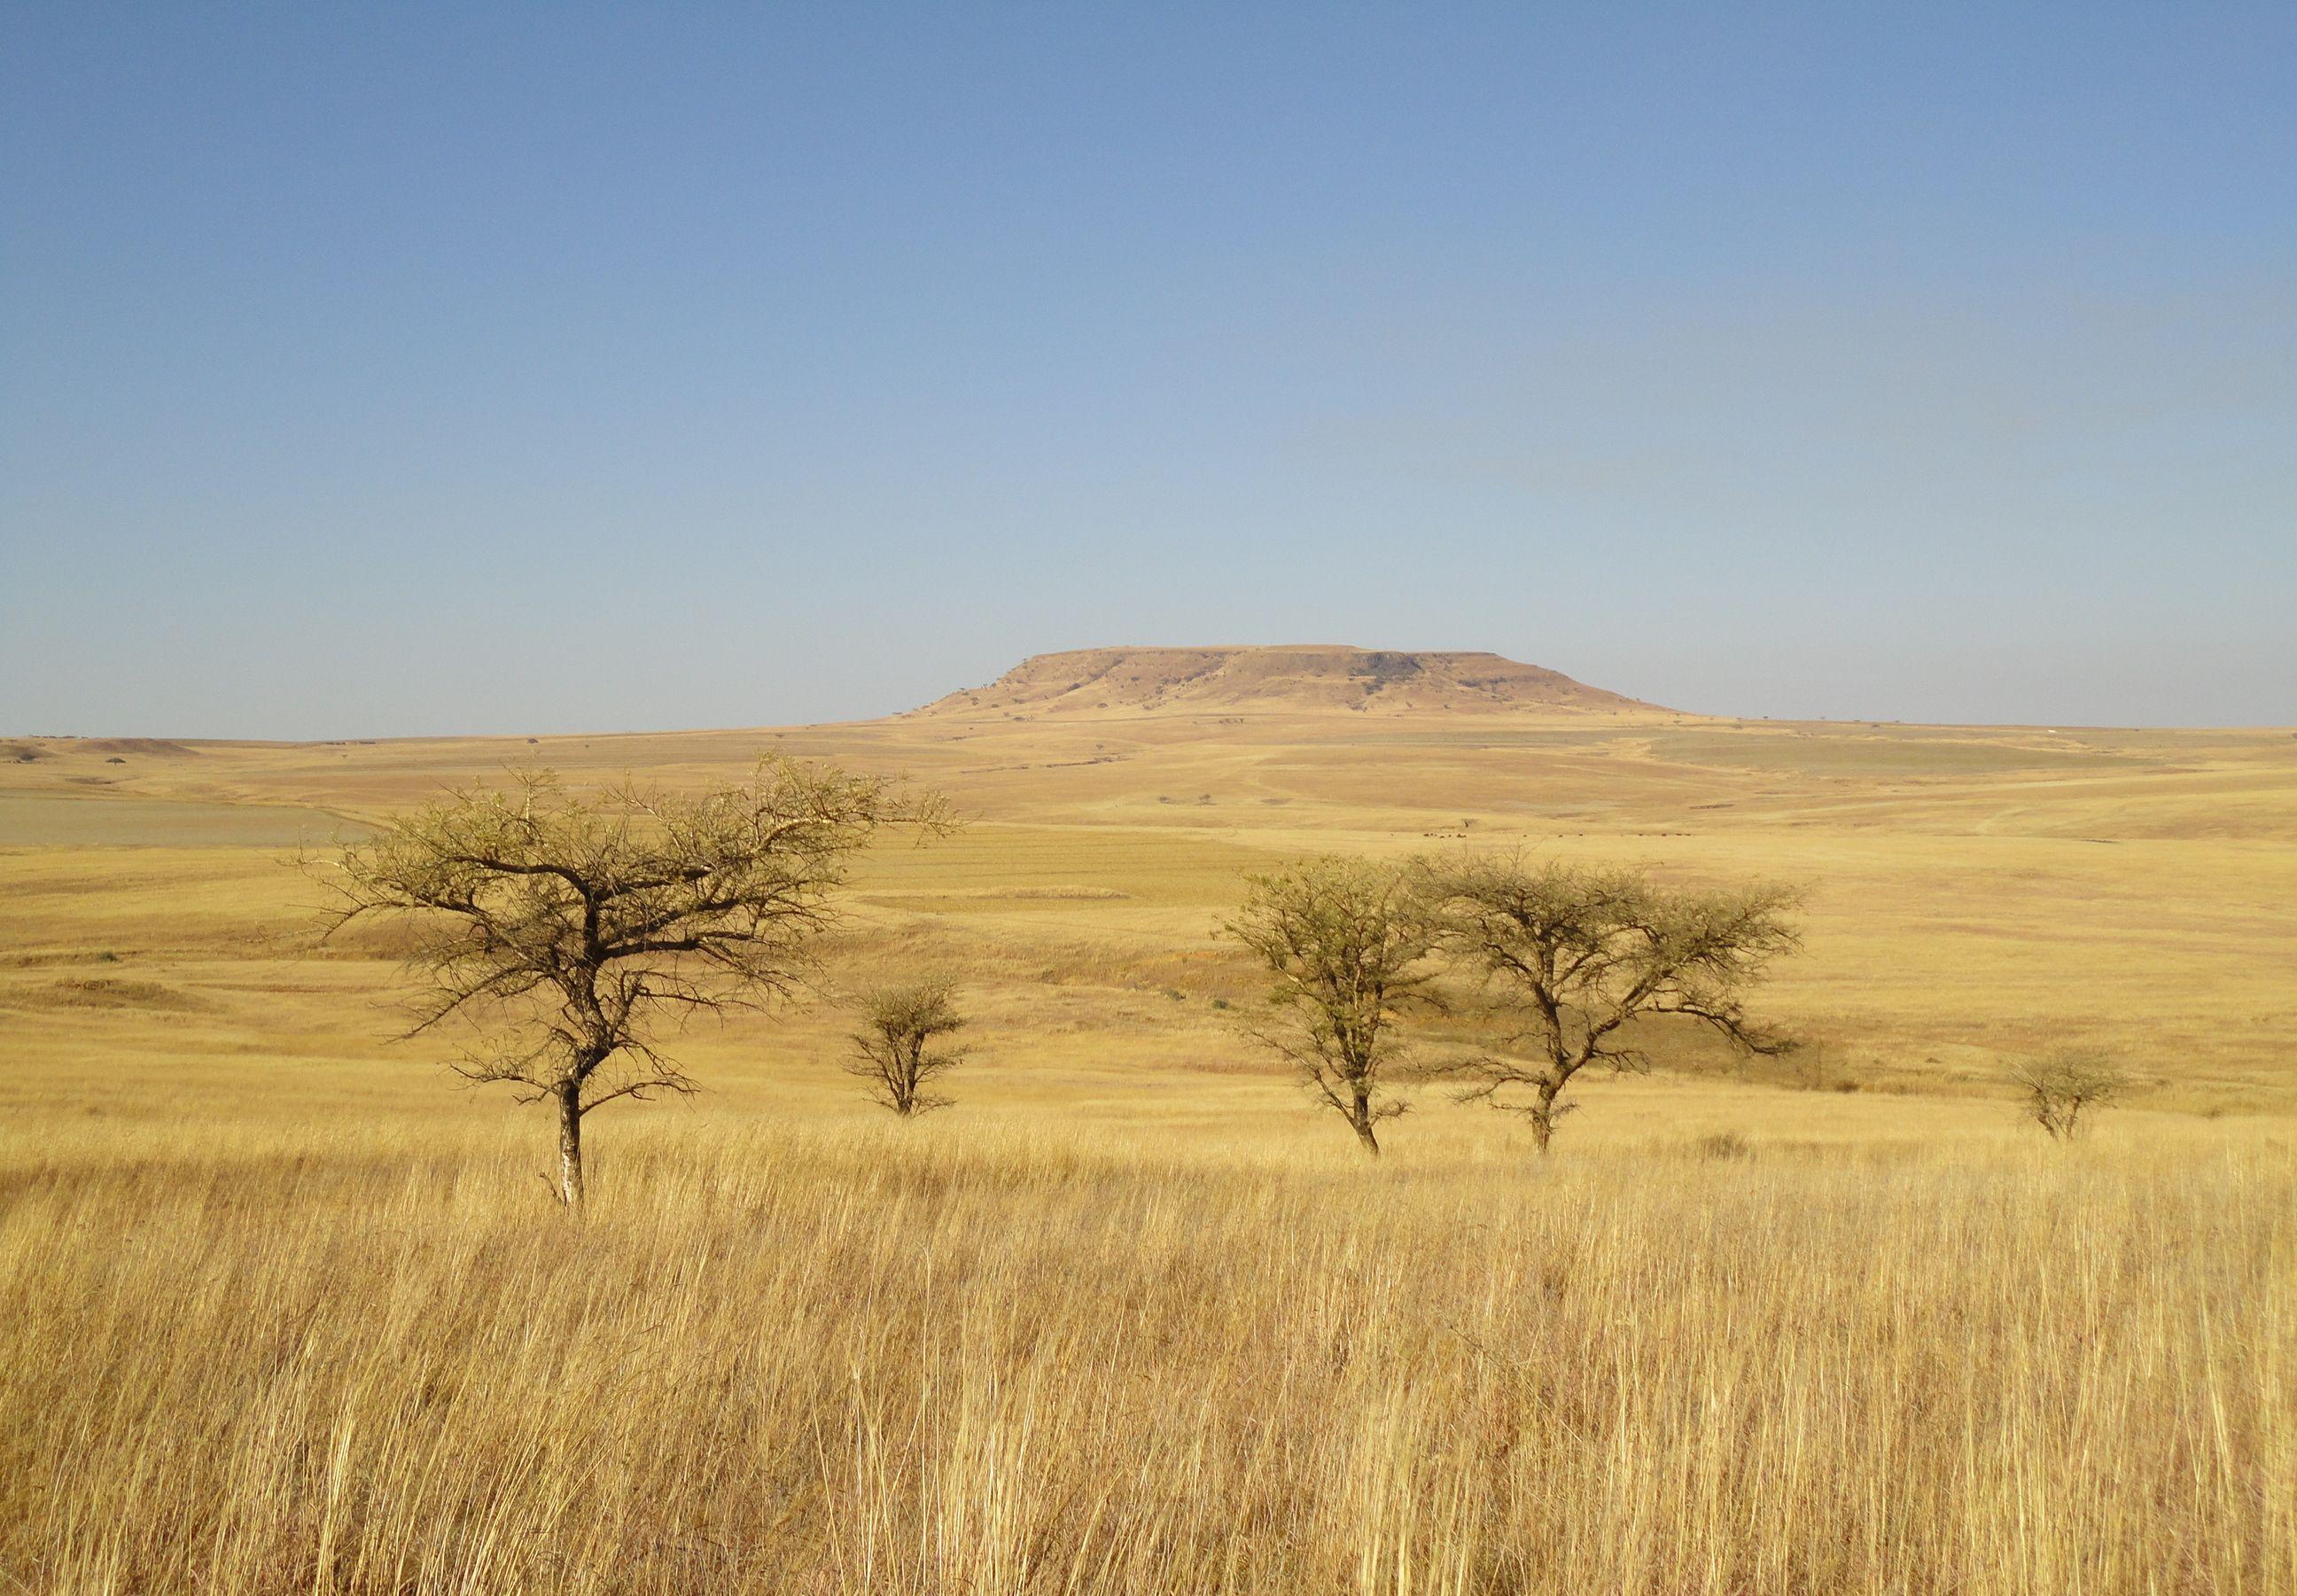 Africa The Serengeti Full Movie